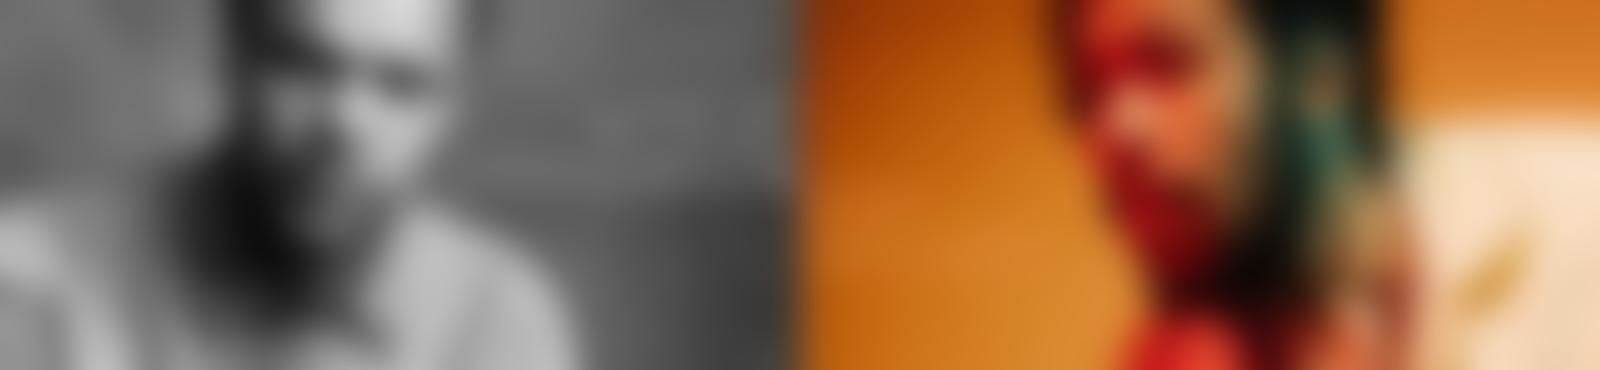 Blurred f9500c0b ab03 4750 b8a9 d6e72b3ee2ea